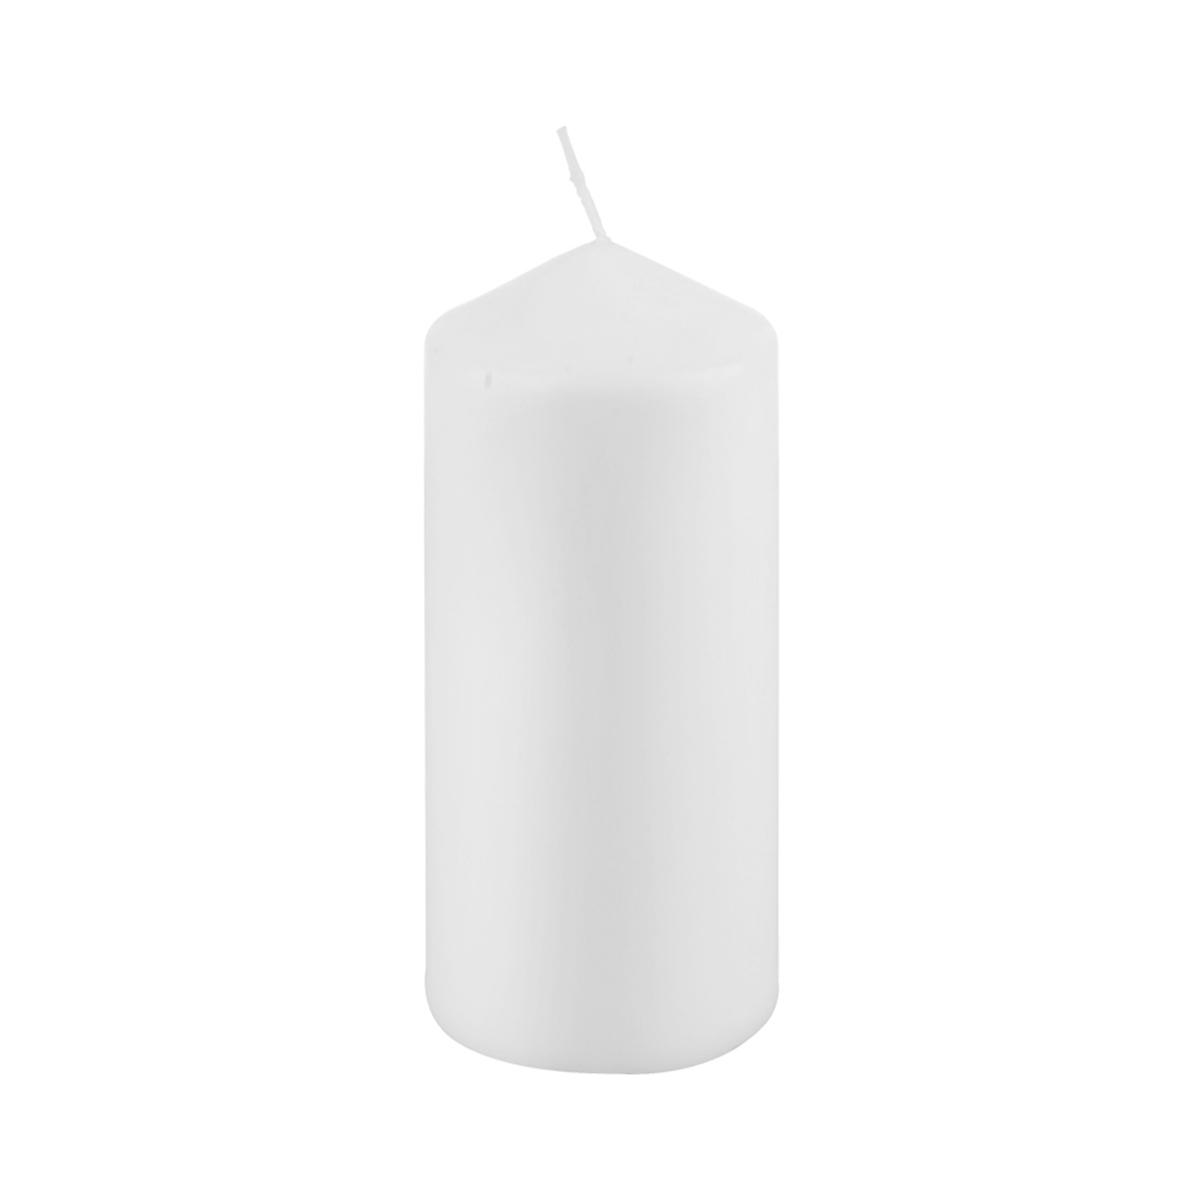 شمعة بدون رائحة  لون ابيض رقم CY60130M